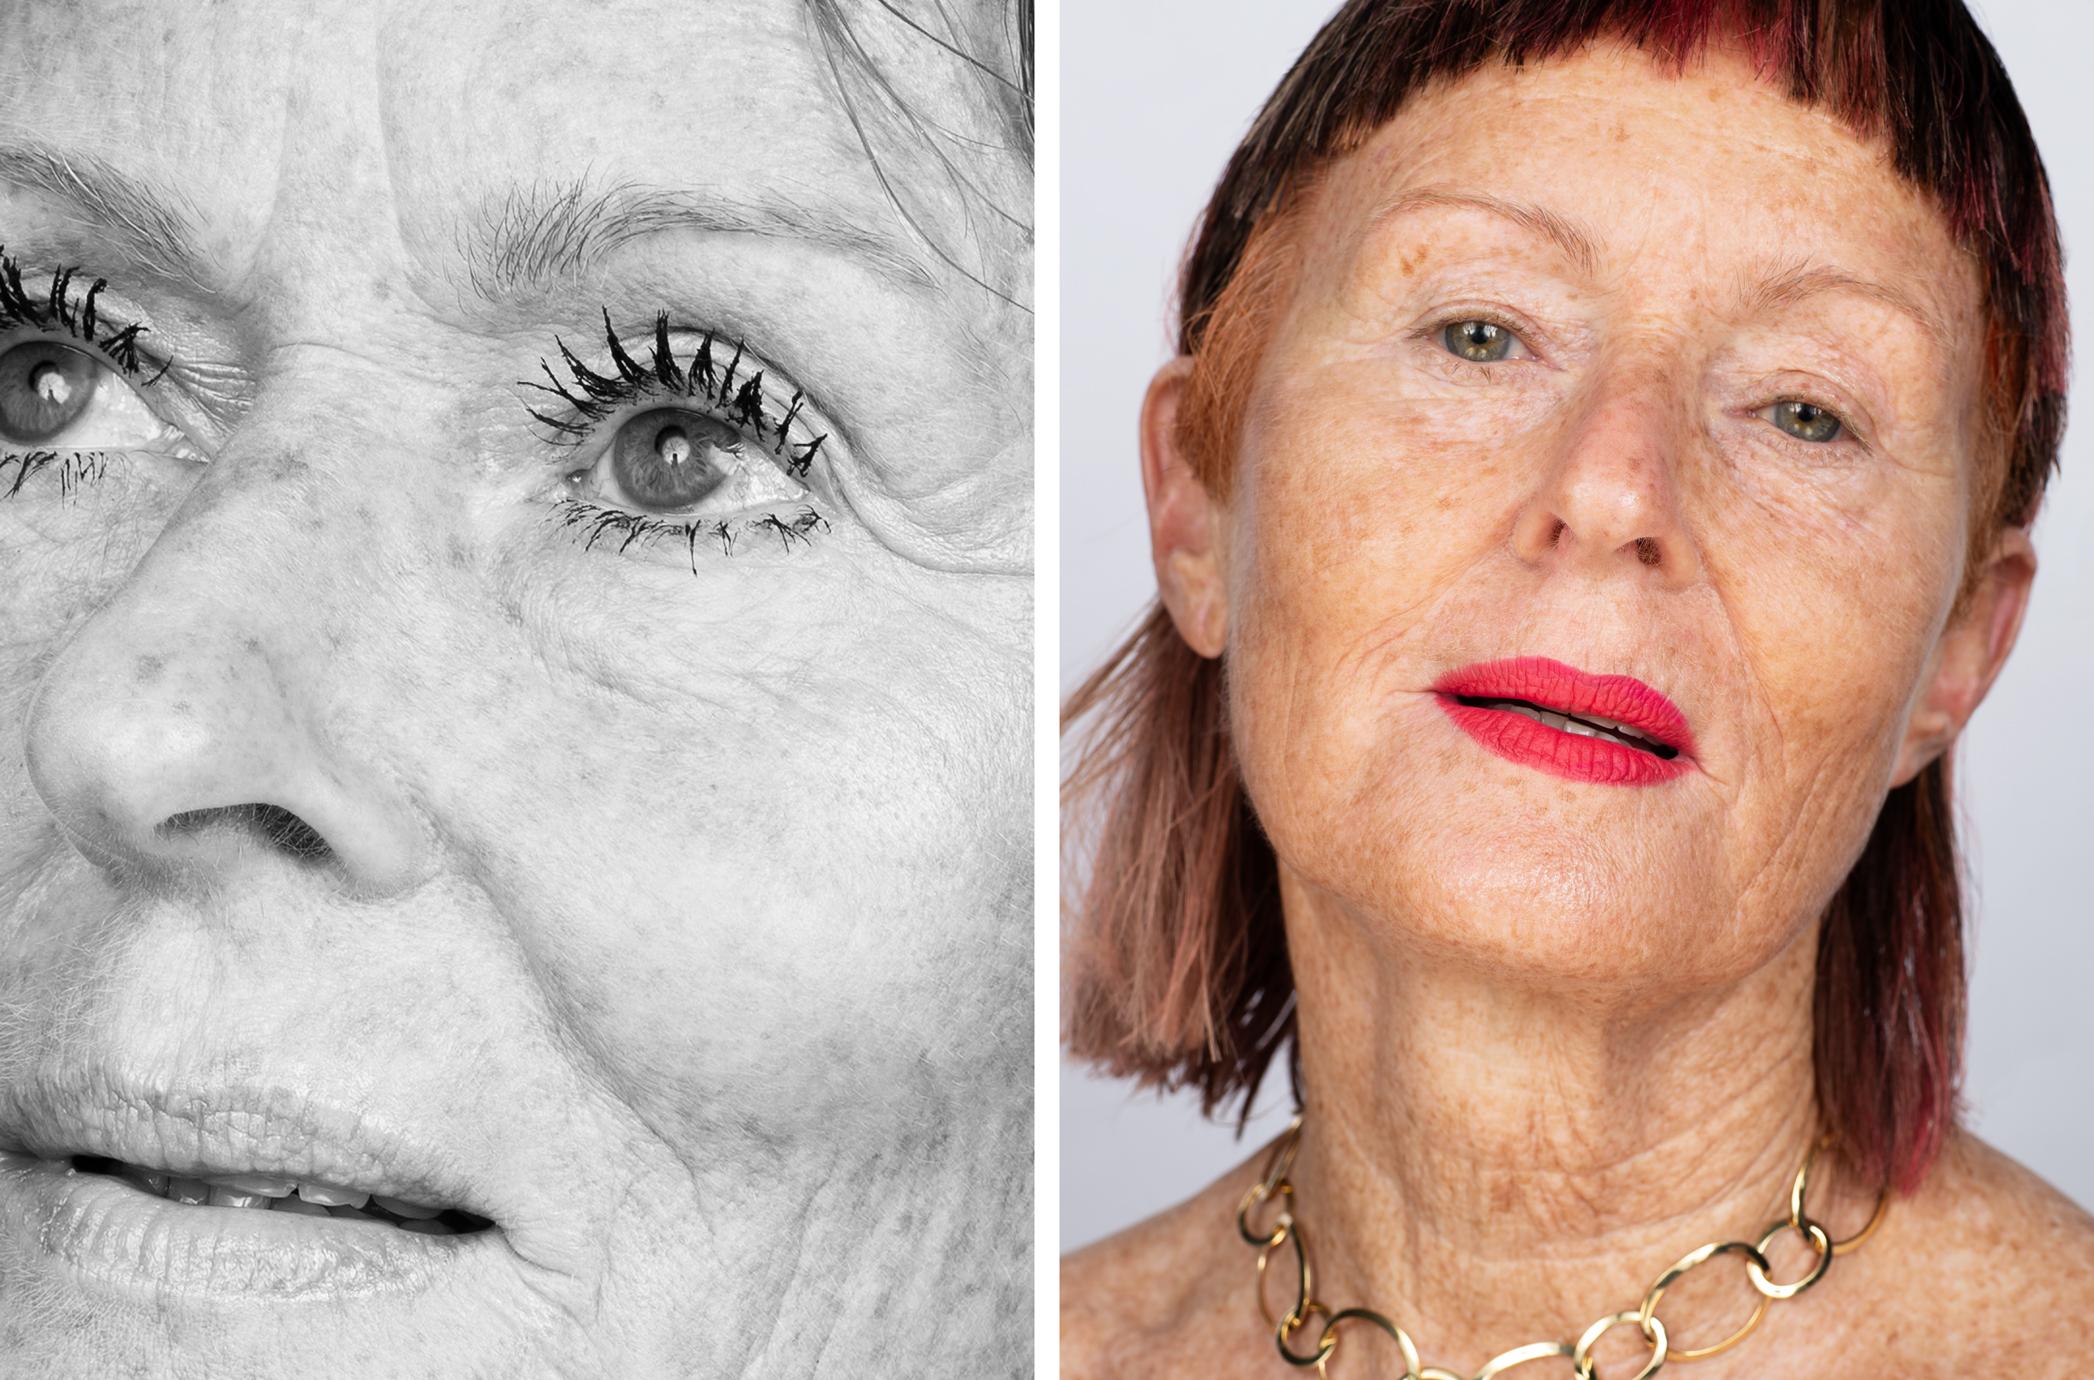 Photos by Denise Boomkens for And Bloom. Makeup: Esther van Maanen, Hair: Mark van Westerop, Model: Rosalie